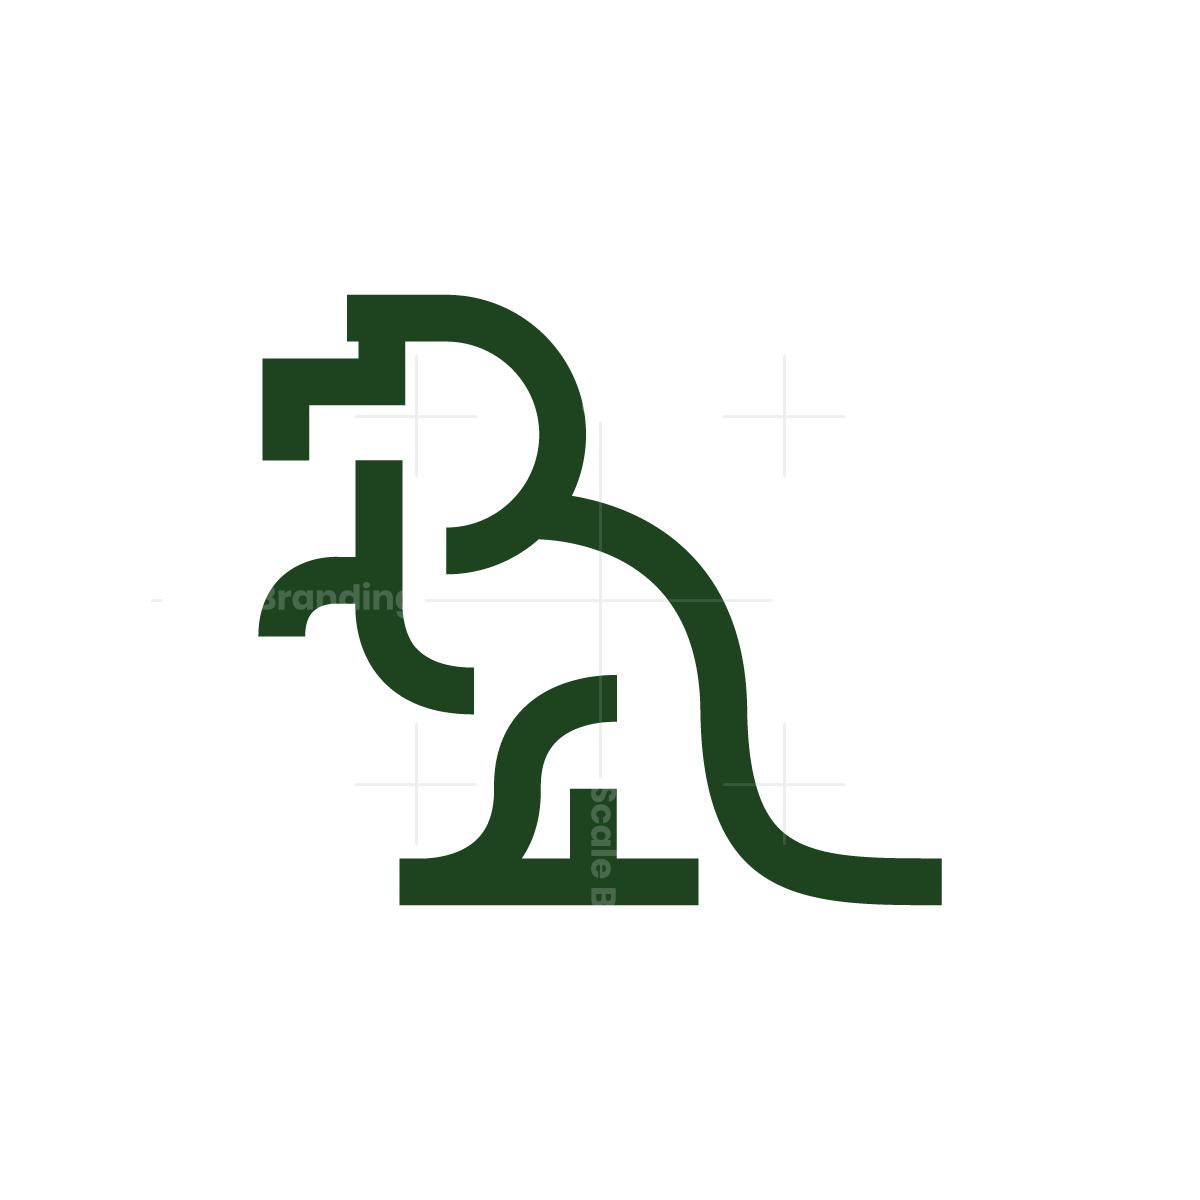 Dinosaur T-Rex Logo